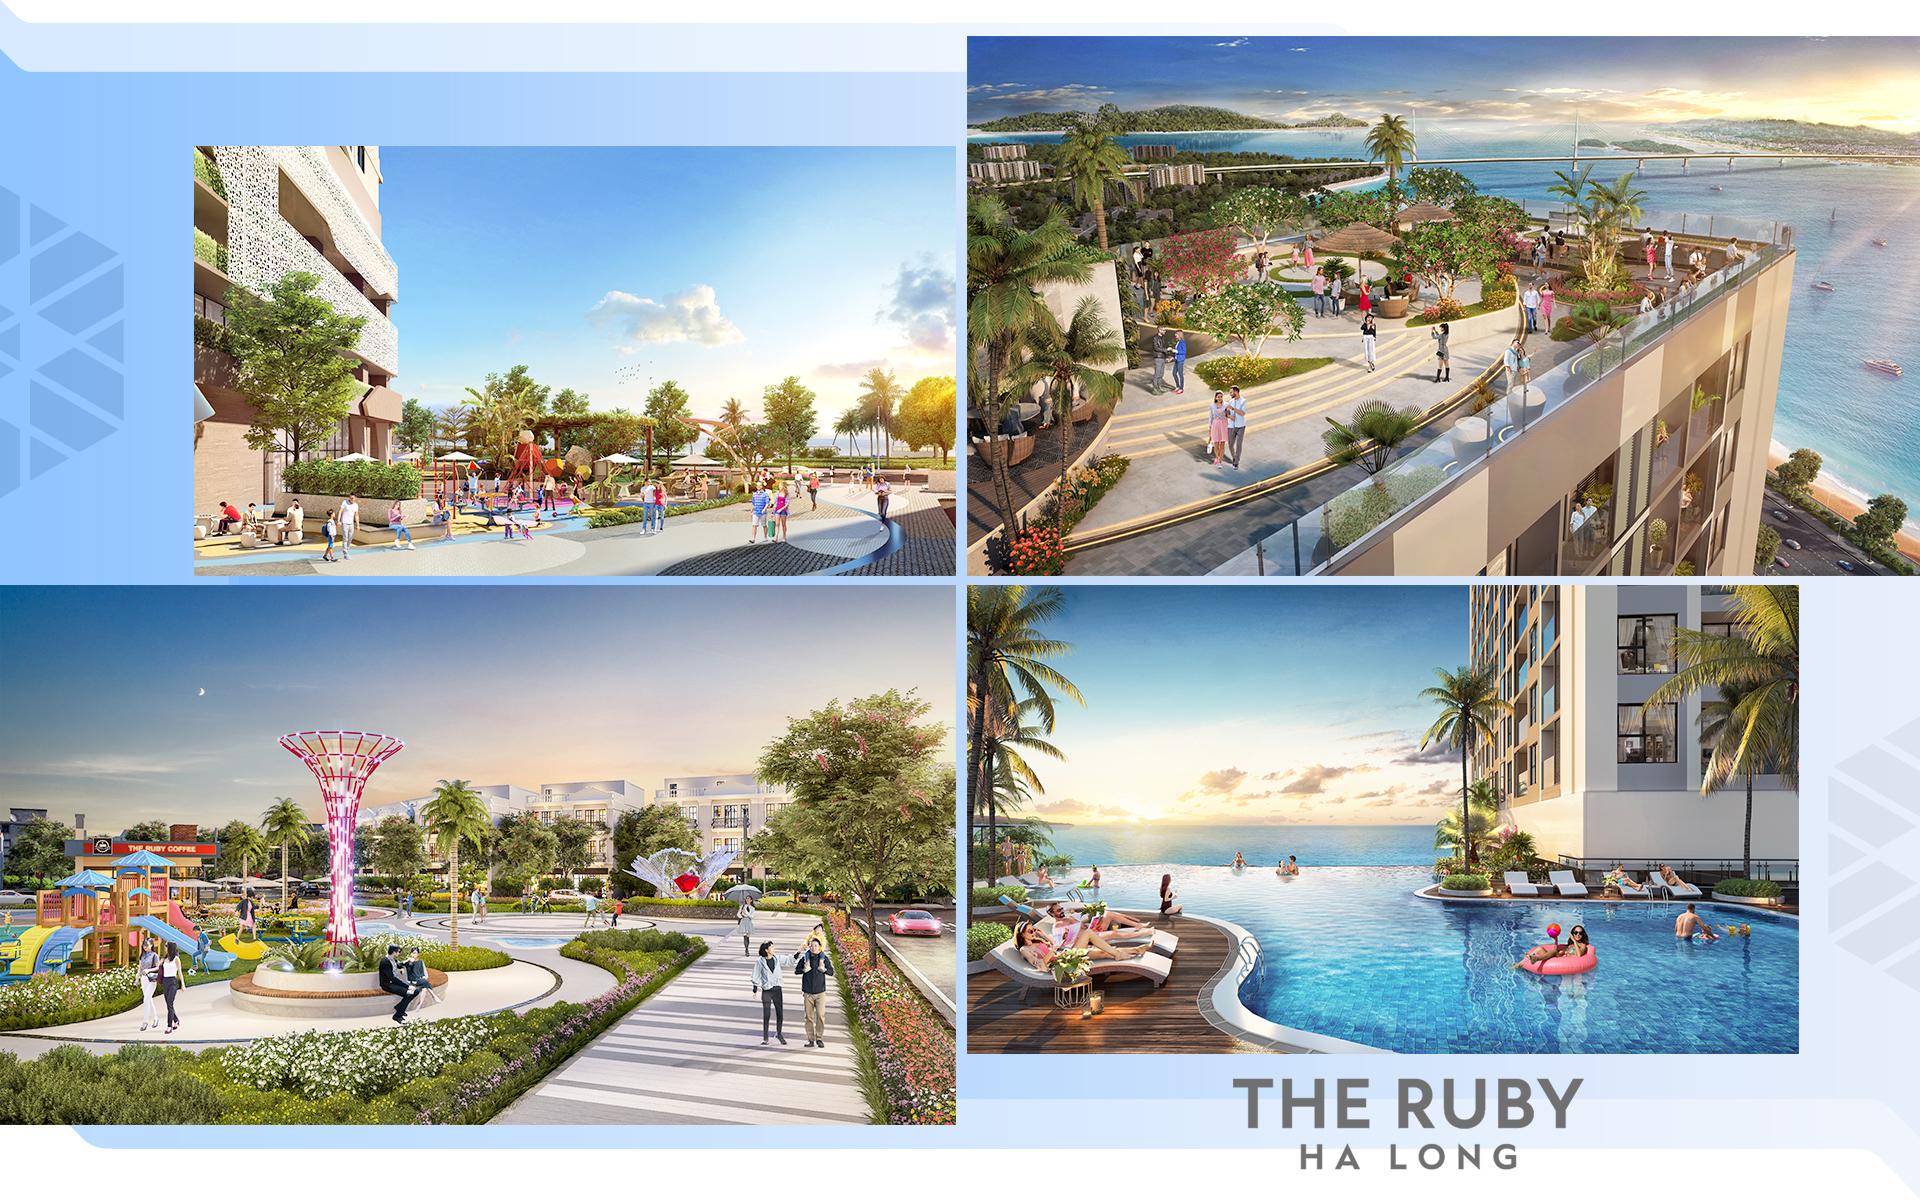 Nhà đầu tư bất động sản tìm cơ hội ở Hạ Long 7